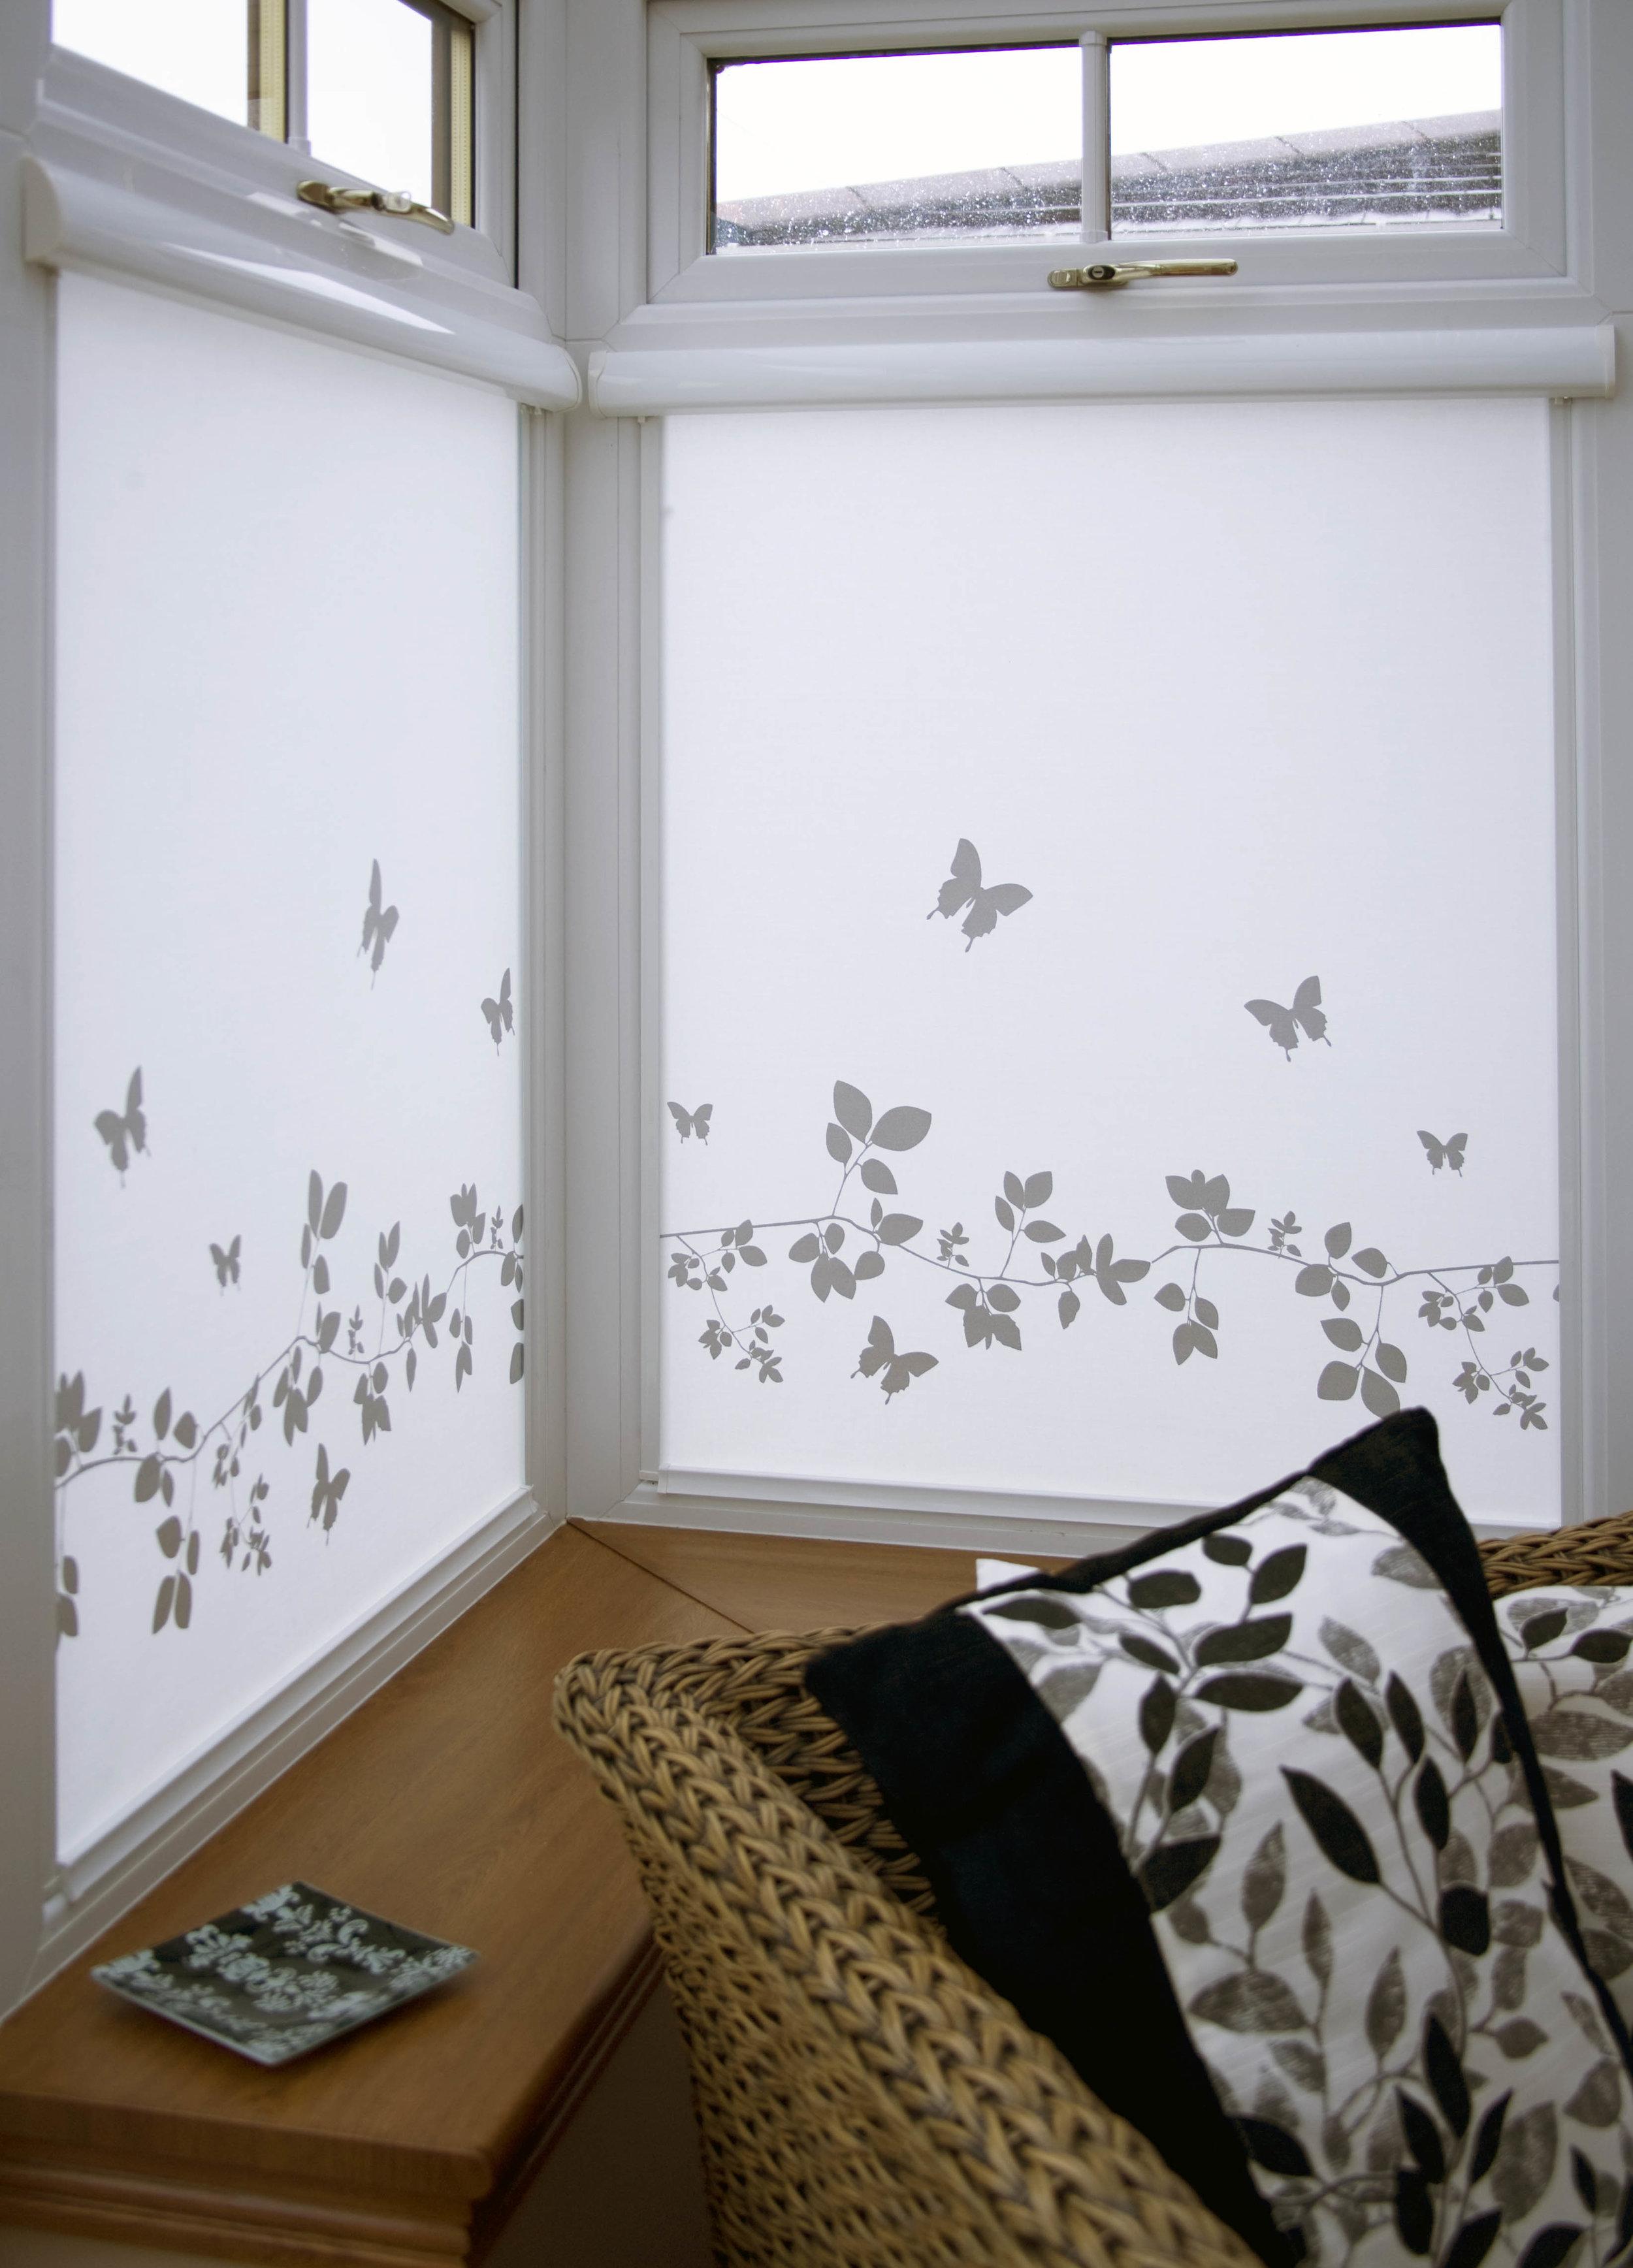 Vine & Butterfly Silhouette.jpg